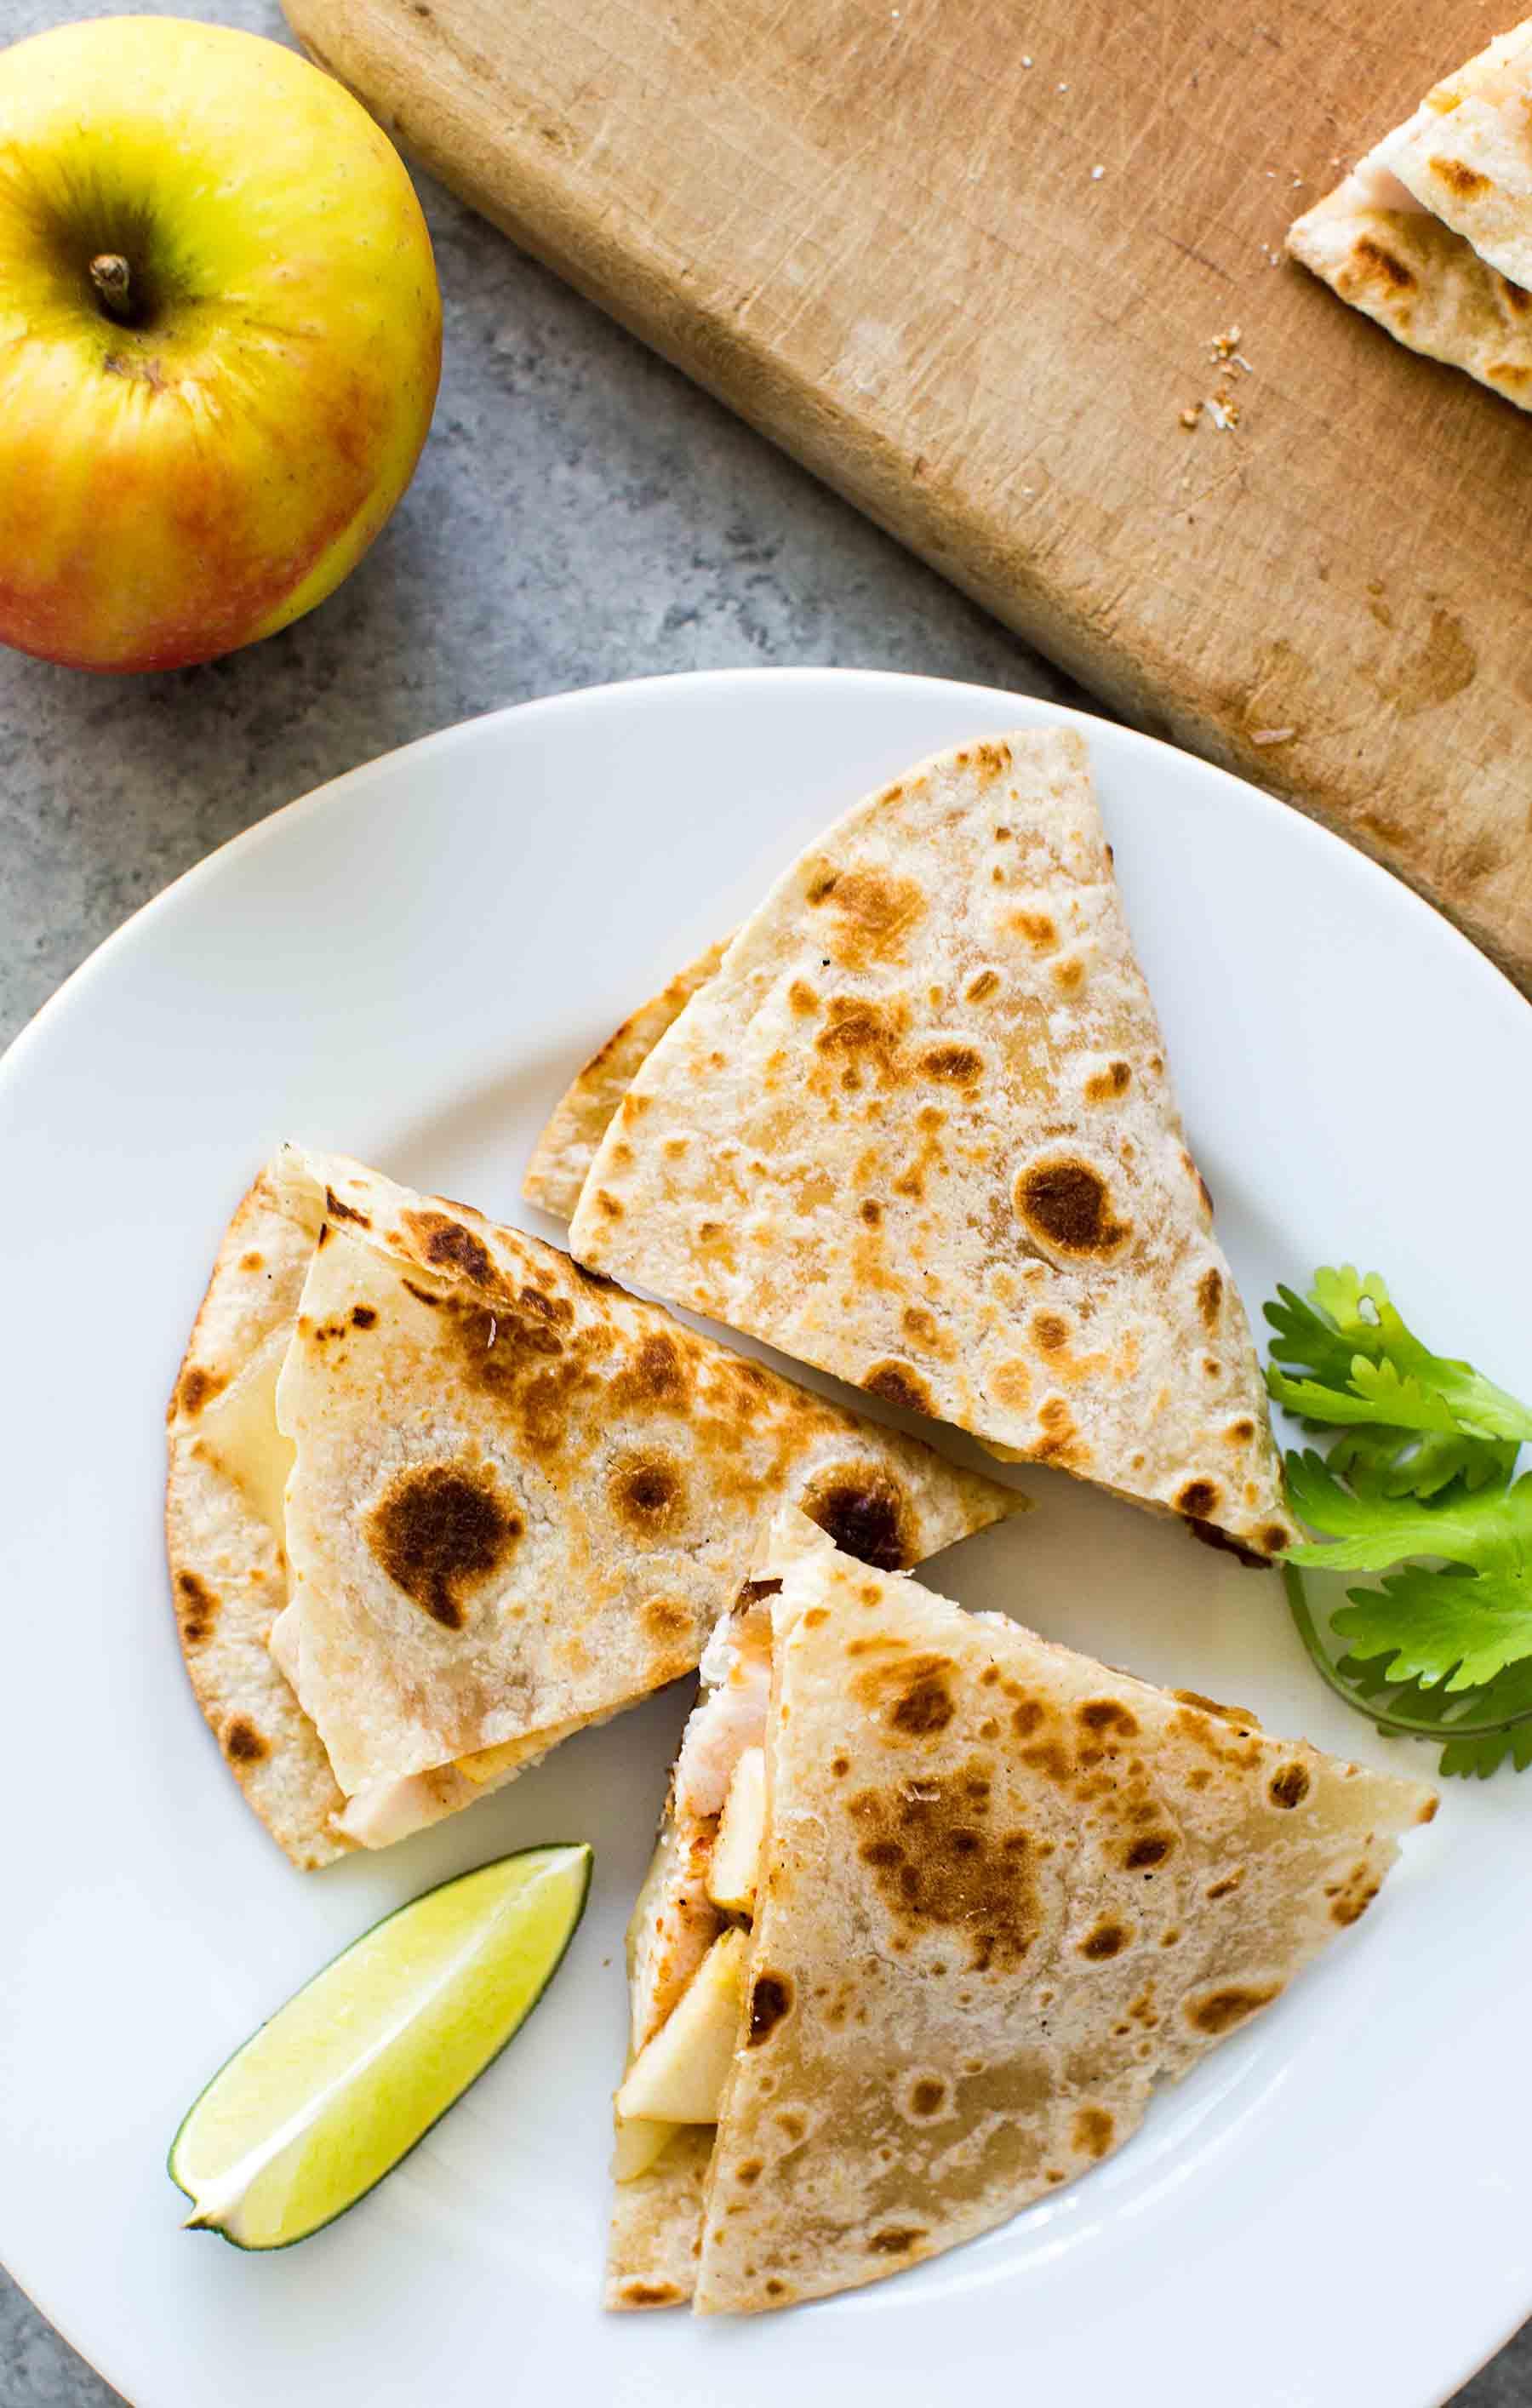 Quesadilla de Pollo y Manzana